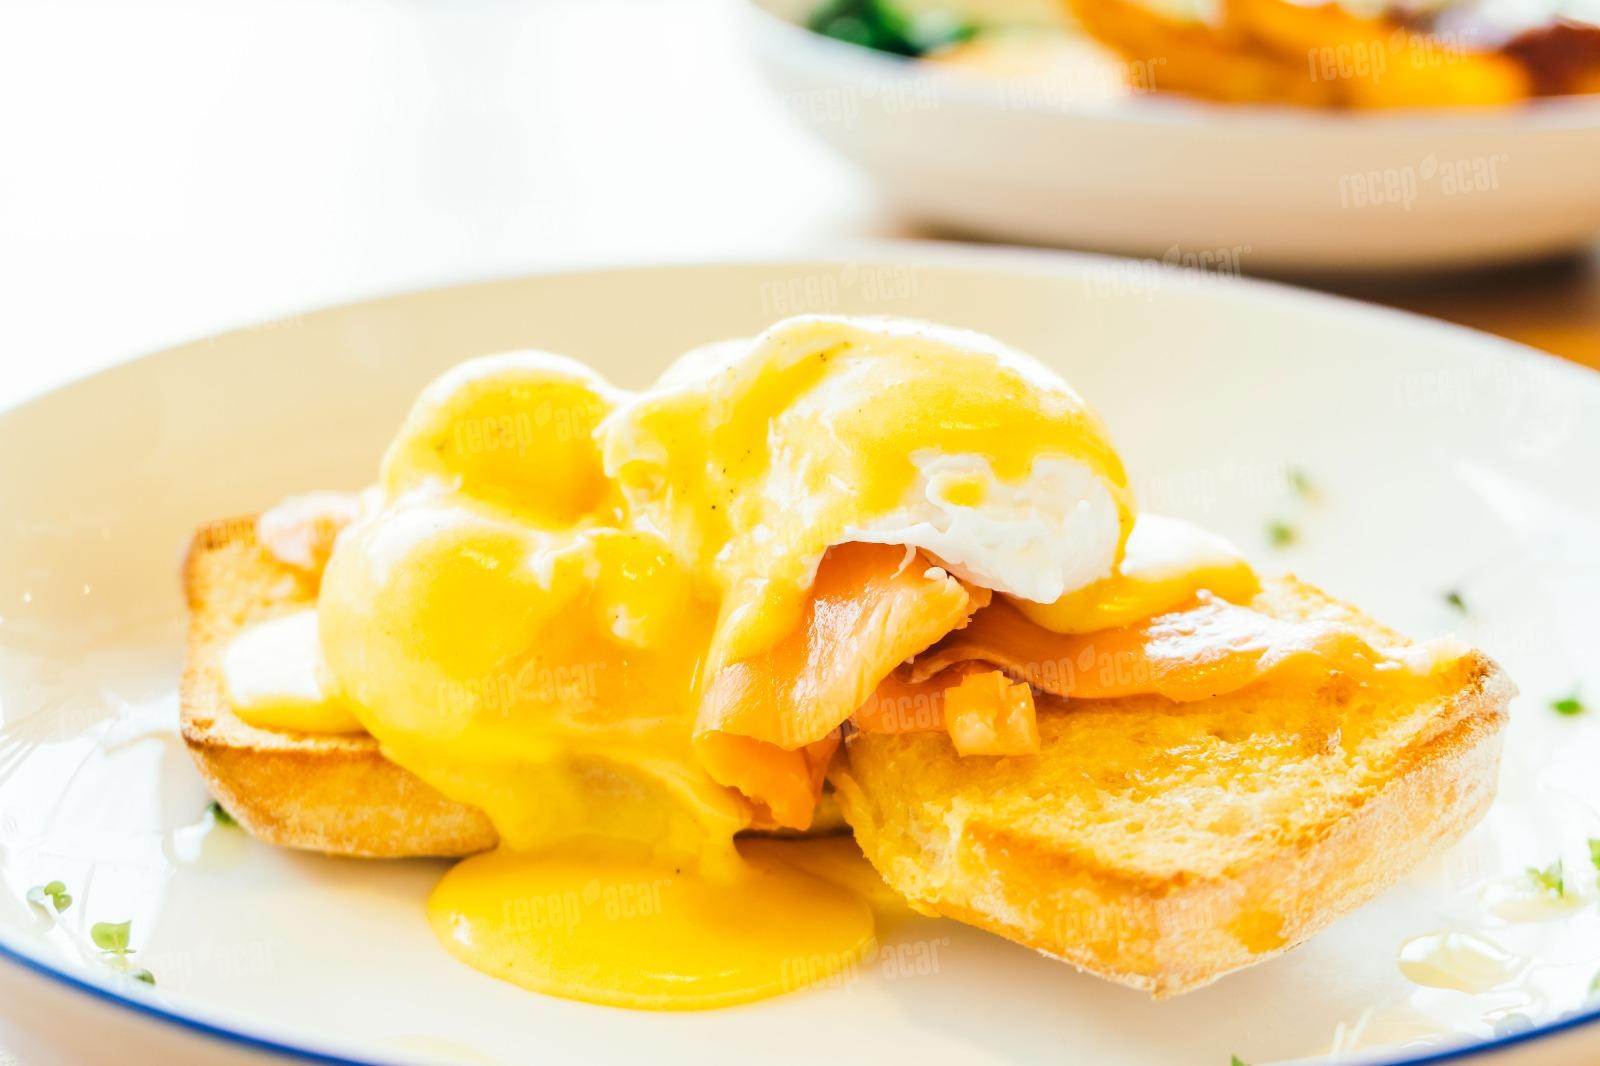 Tereyaðlý lezzet: Eggs Benedict tarifi